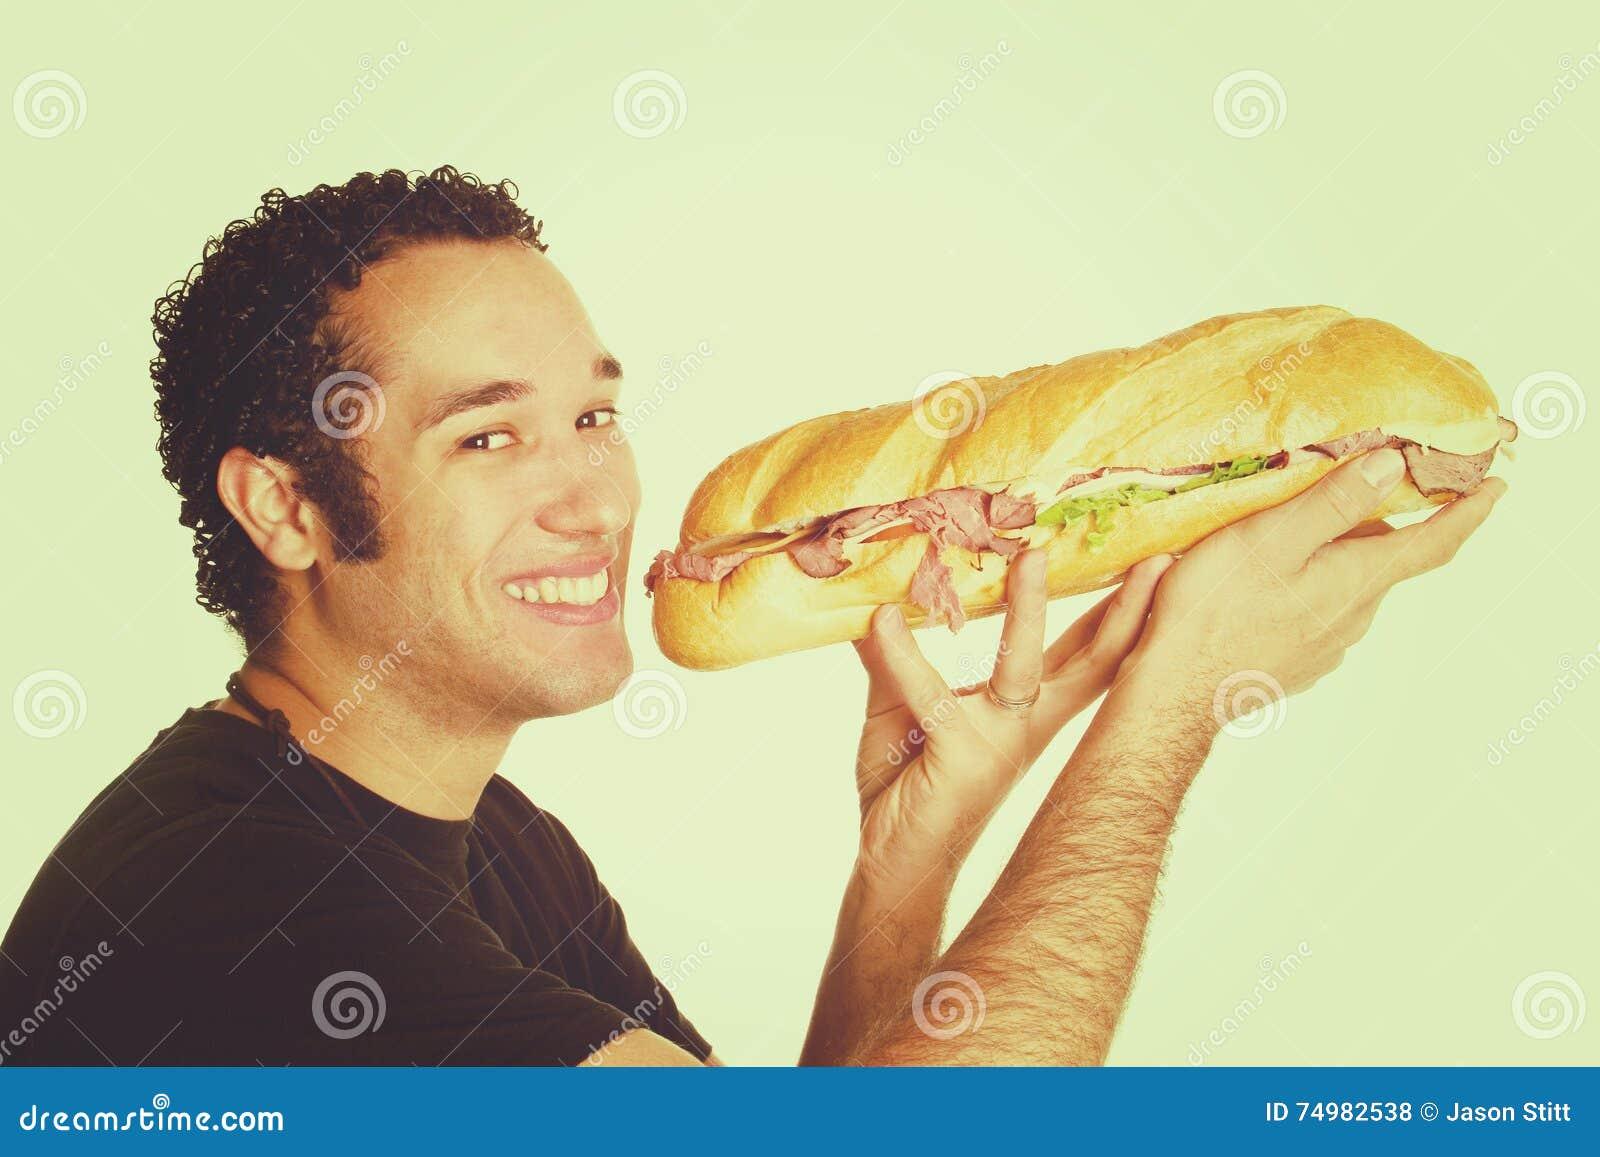 Sandwich die de Mens eten